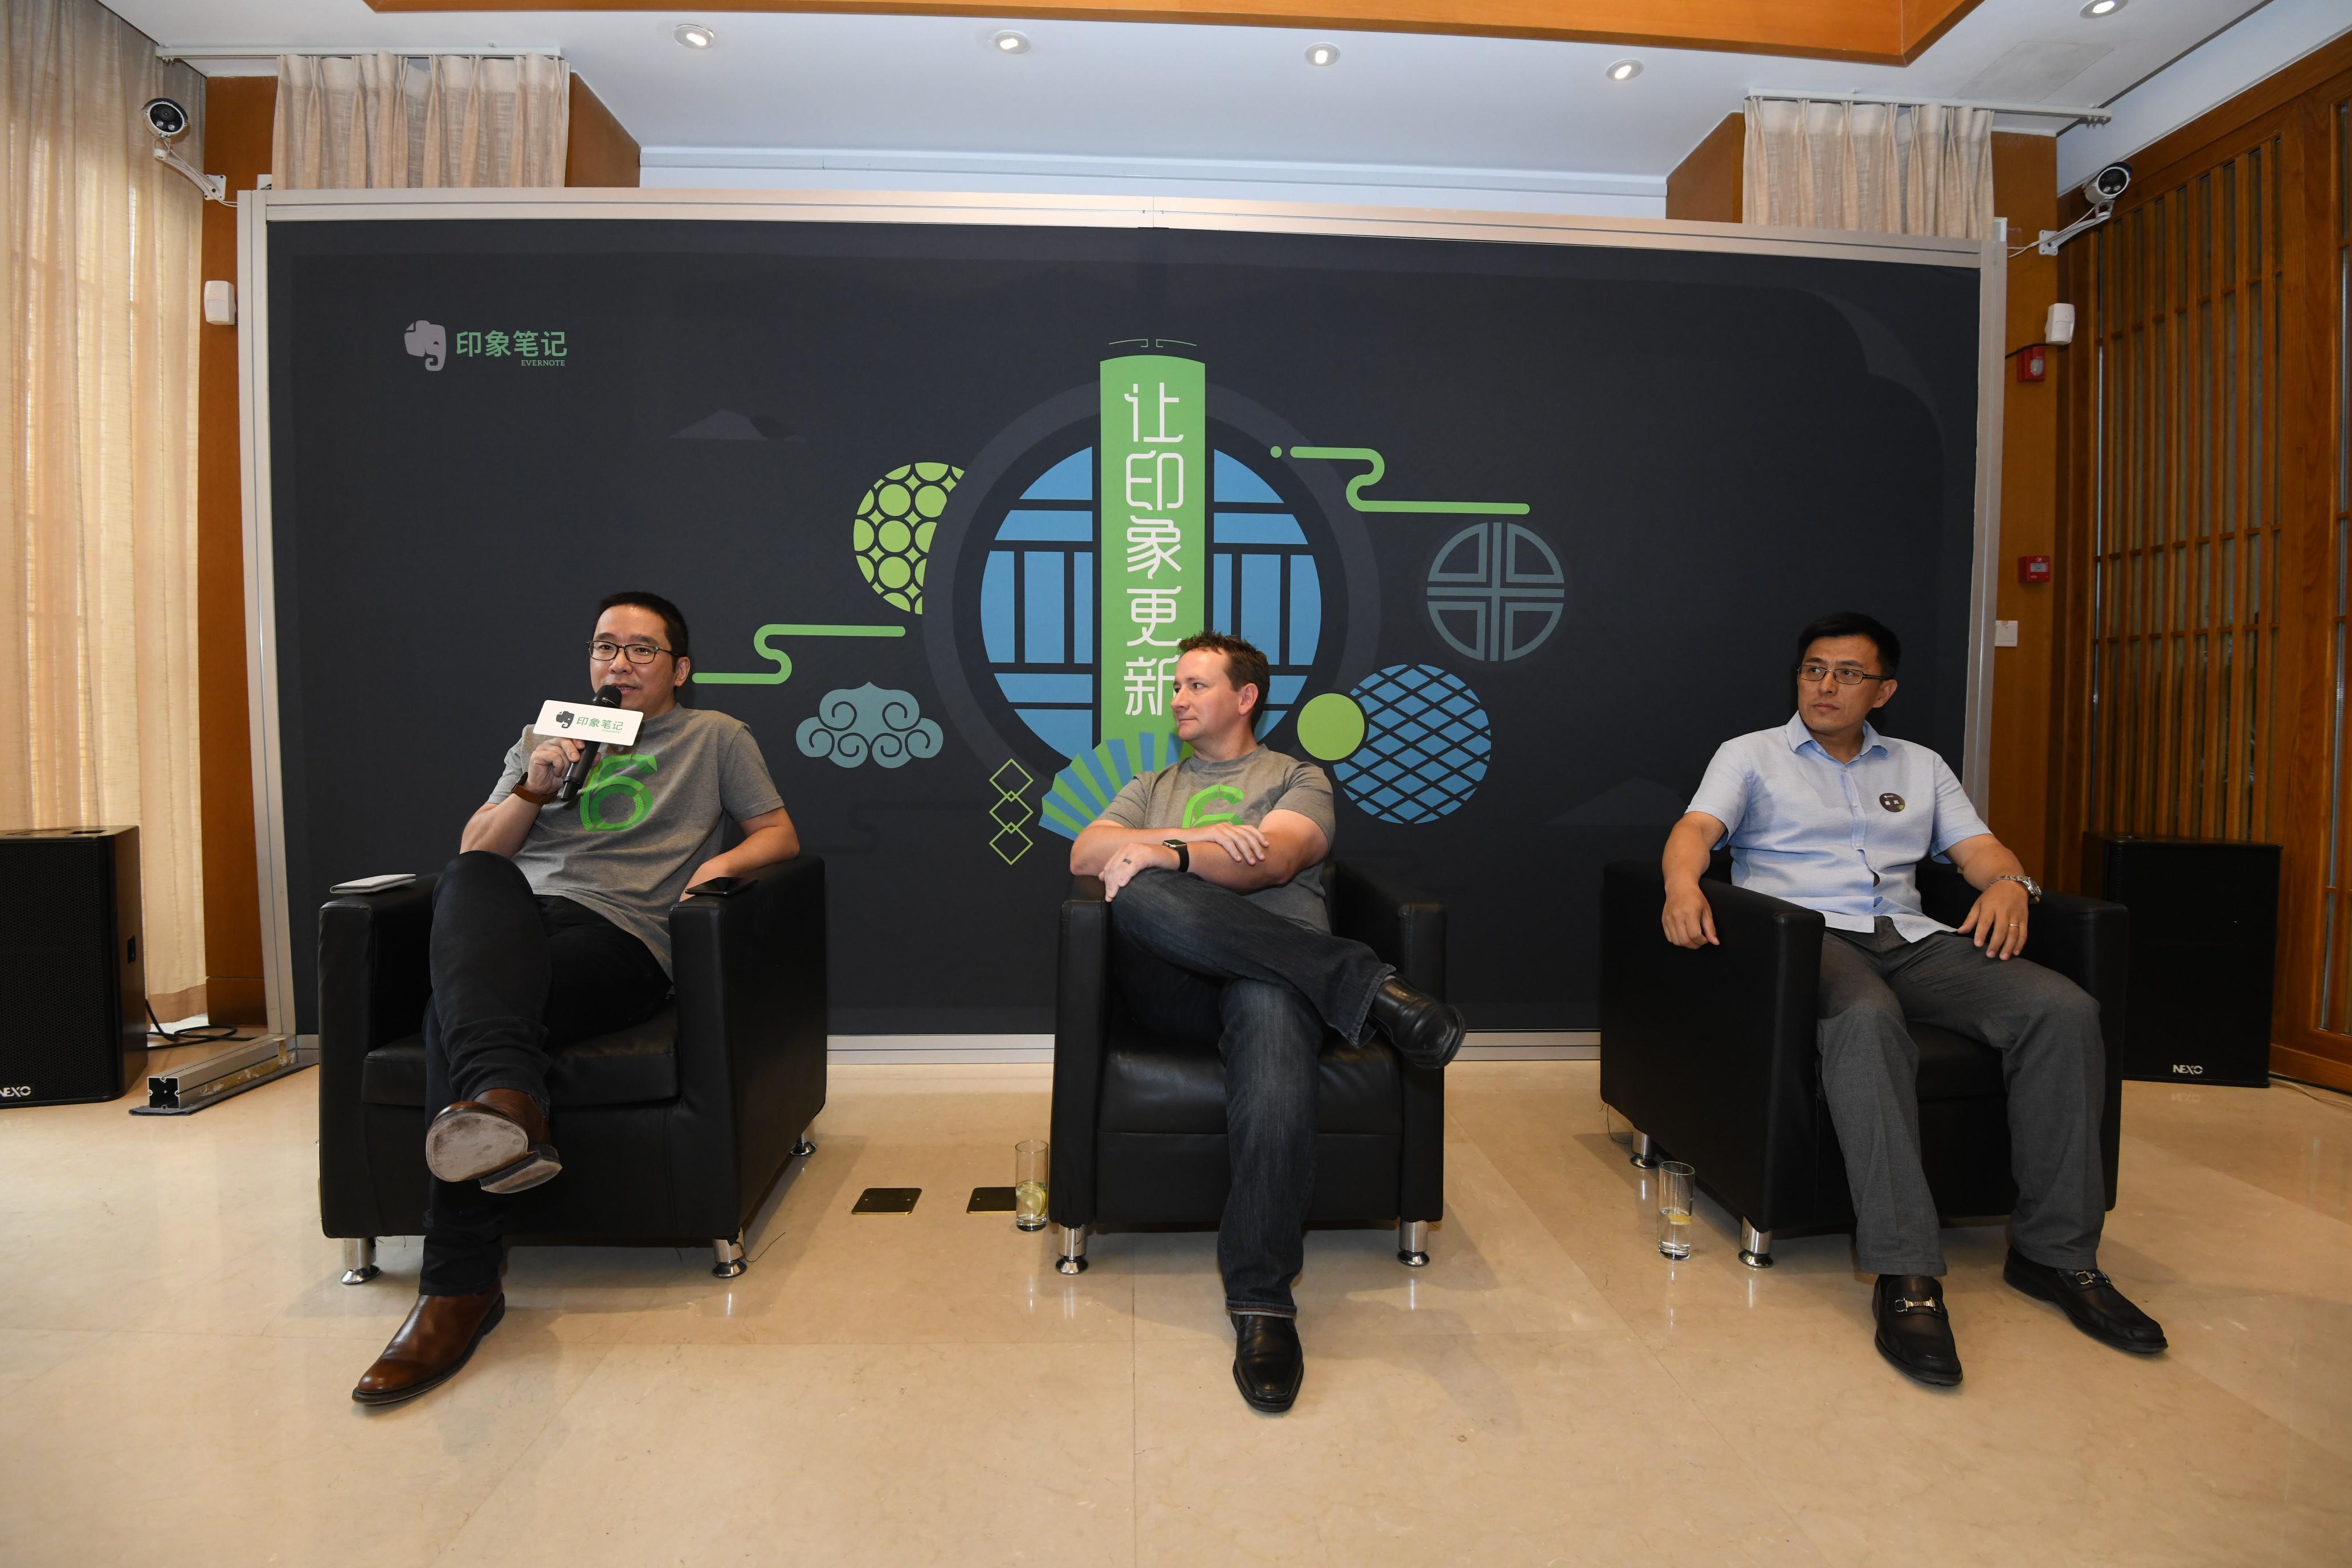 Evernote完成中国业务拆分,印象笔记重组为独立的中国互联网企业